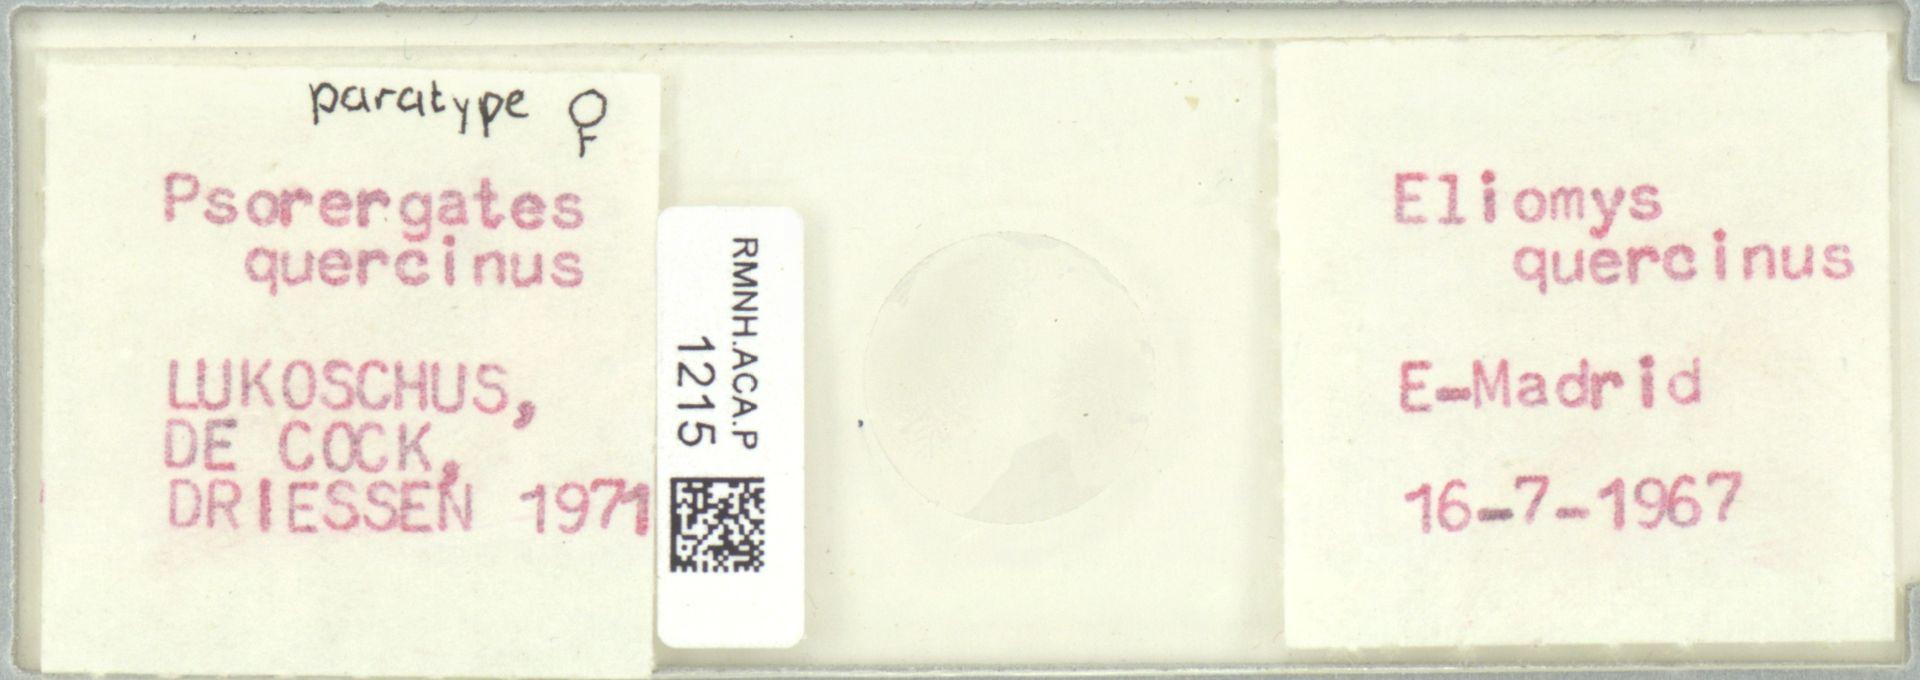 RMNH.ACA.P.1215 | Psorergates quercinus Kok, Lukoschus & Fain, 1971